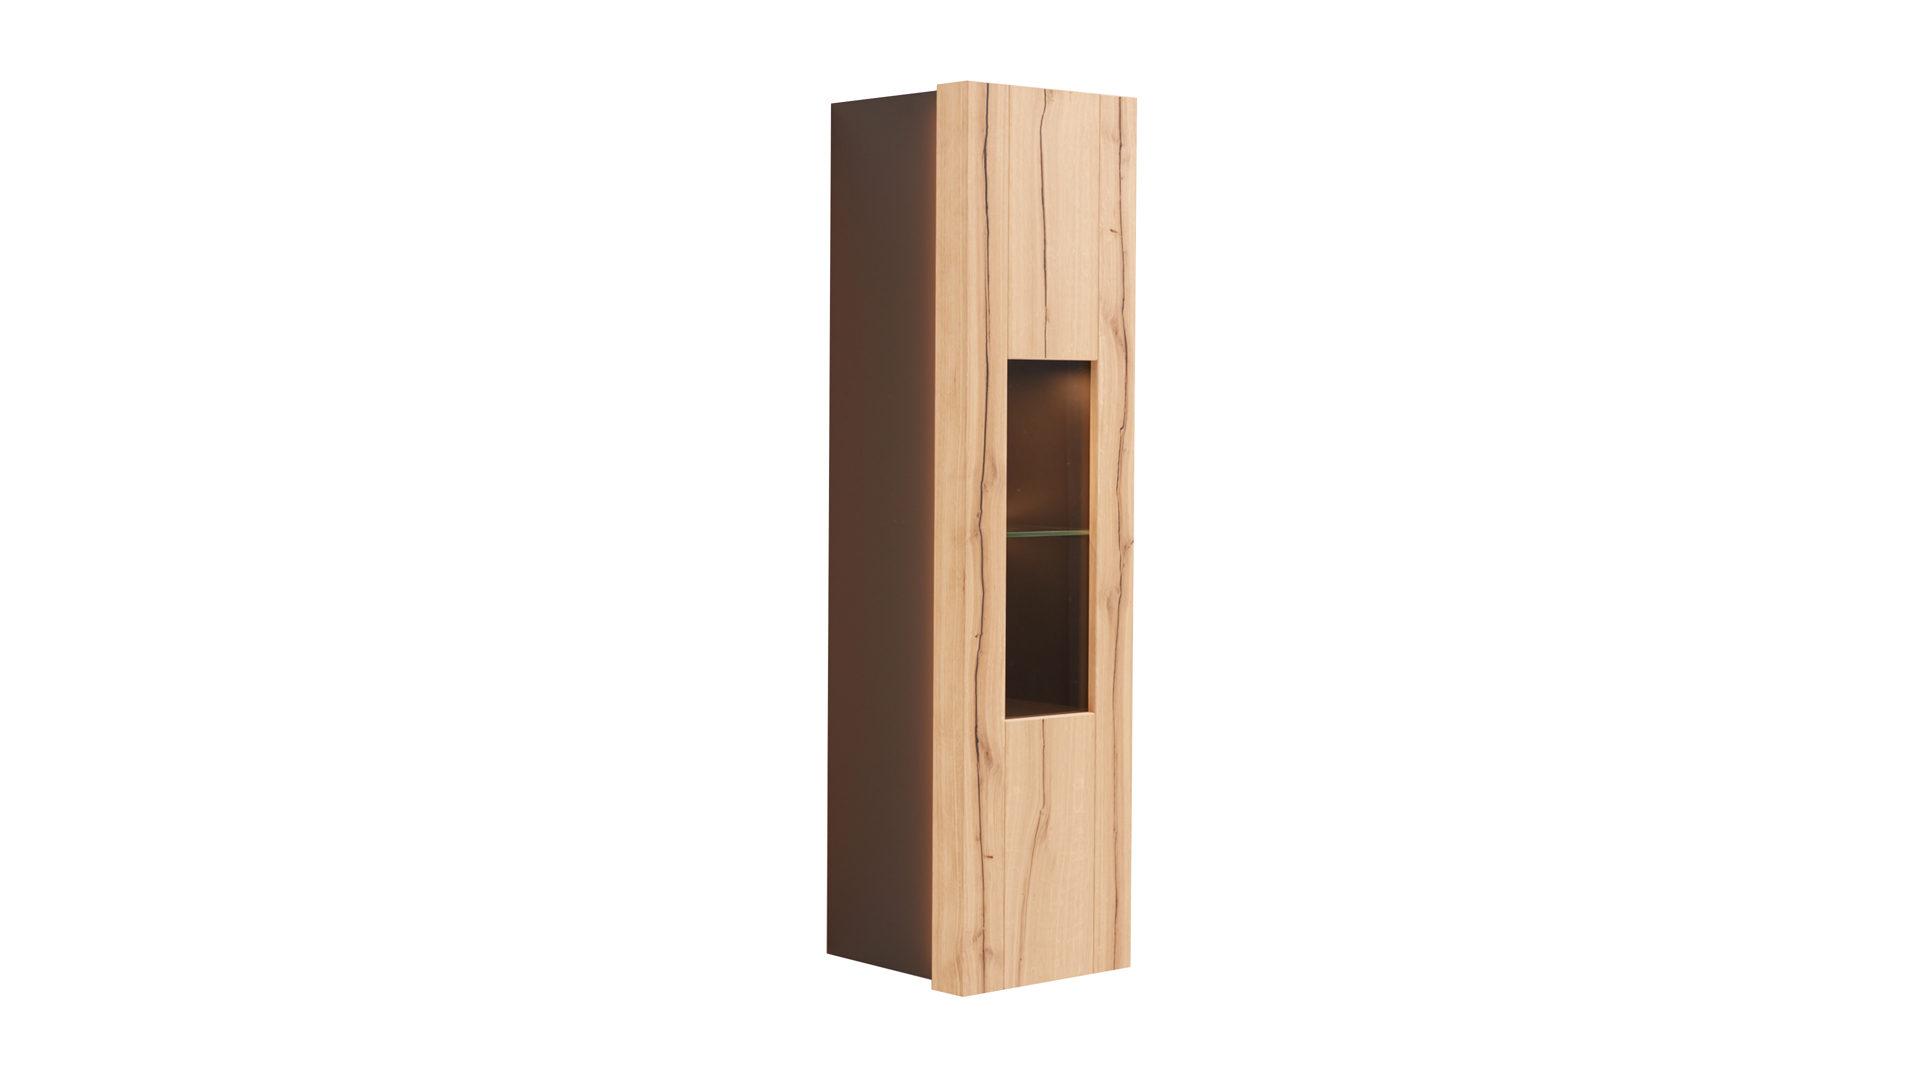 Vitrine Die Hausmarke | Il Aus Holz In Schwarz Interliving Wohnzimmer Serie  2103 U2013 Hängevitrine Schieferschwarzer